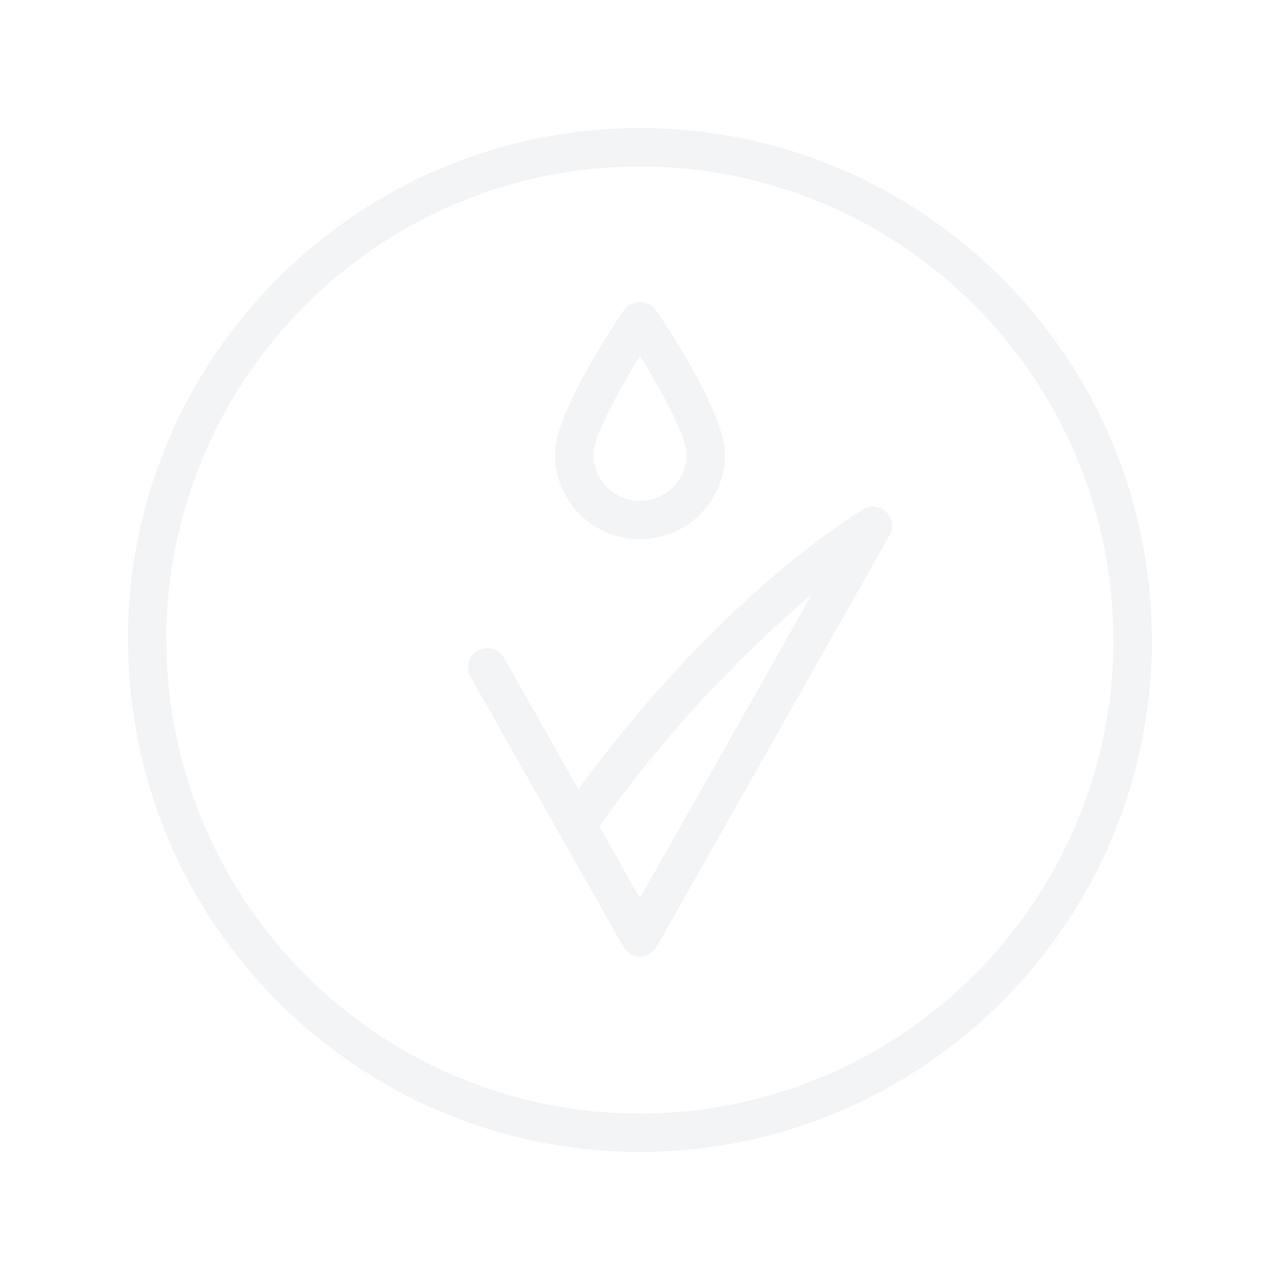 Wella Professionals EIMI Body Crafter Volumising Spray 150ml